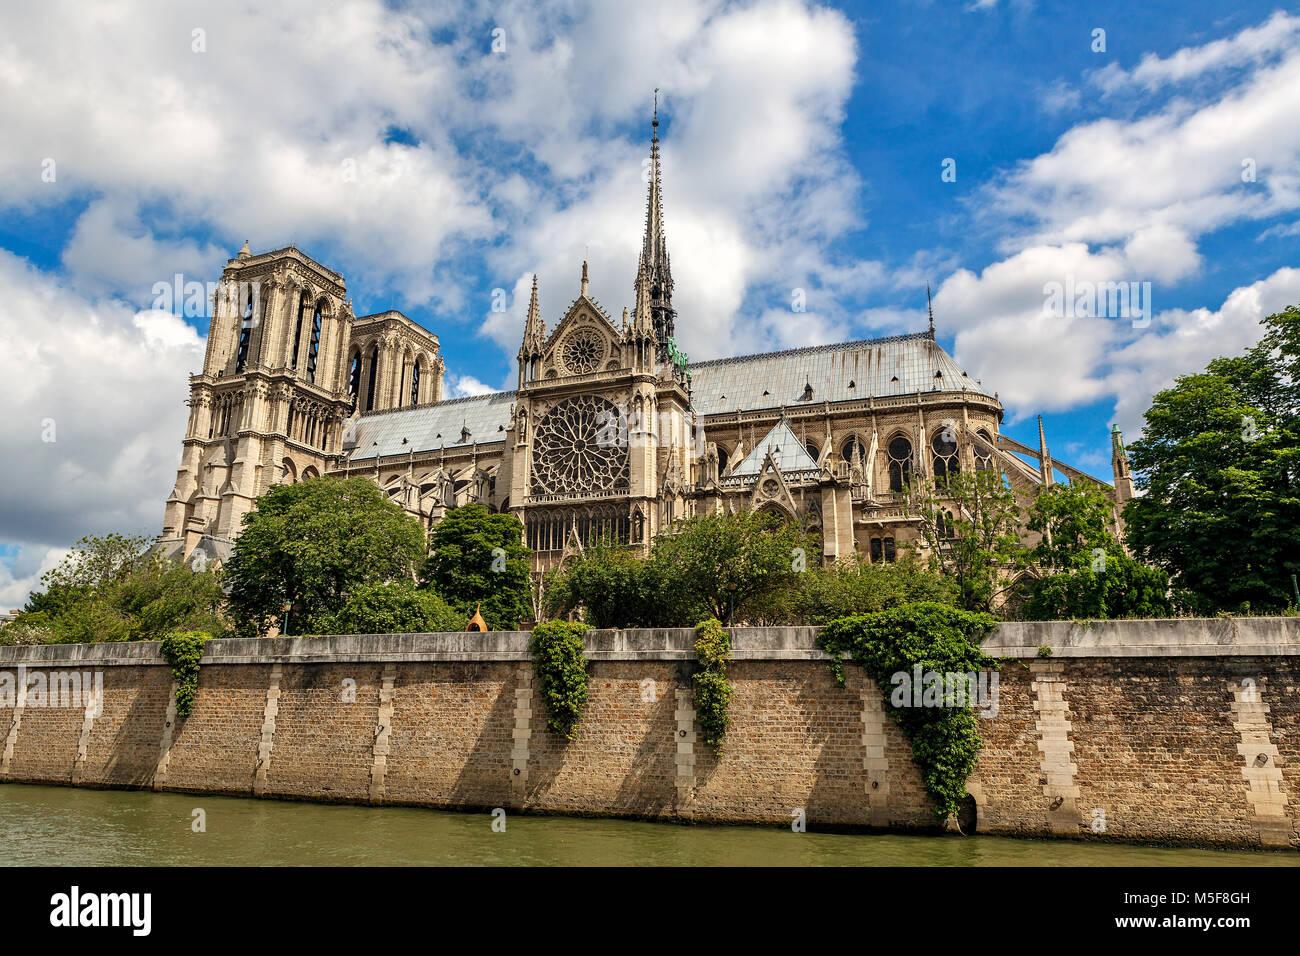 Vue de la célèbre Cathédrale Notre-Dame de Paris dans le cadre de ciel magnifique à Paris, France. Photo Stock